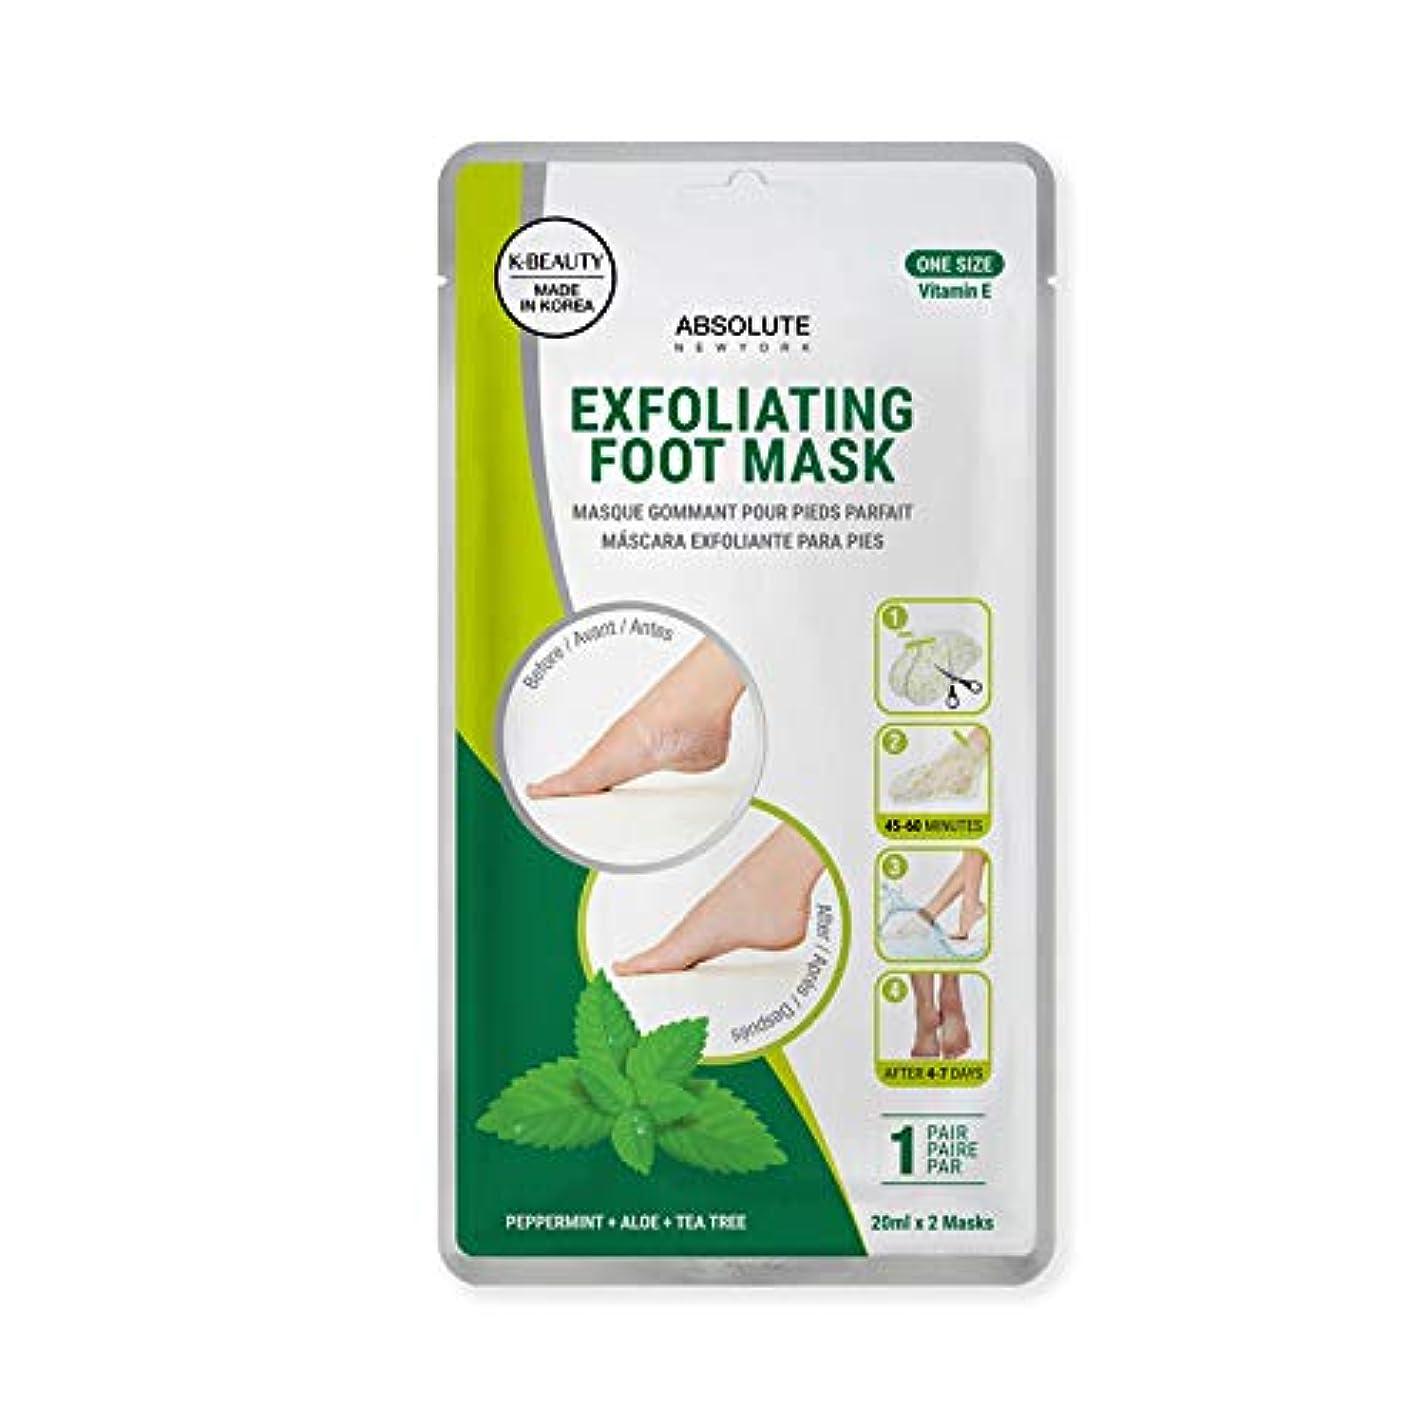 追う税金航海の(6 Pack) ABSOLUTE Exfoliating Foot Mask - Peppermint + Aloe + Tea Tree (並行輸入品)